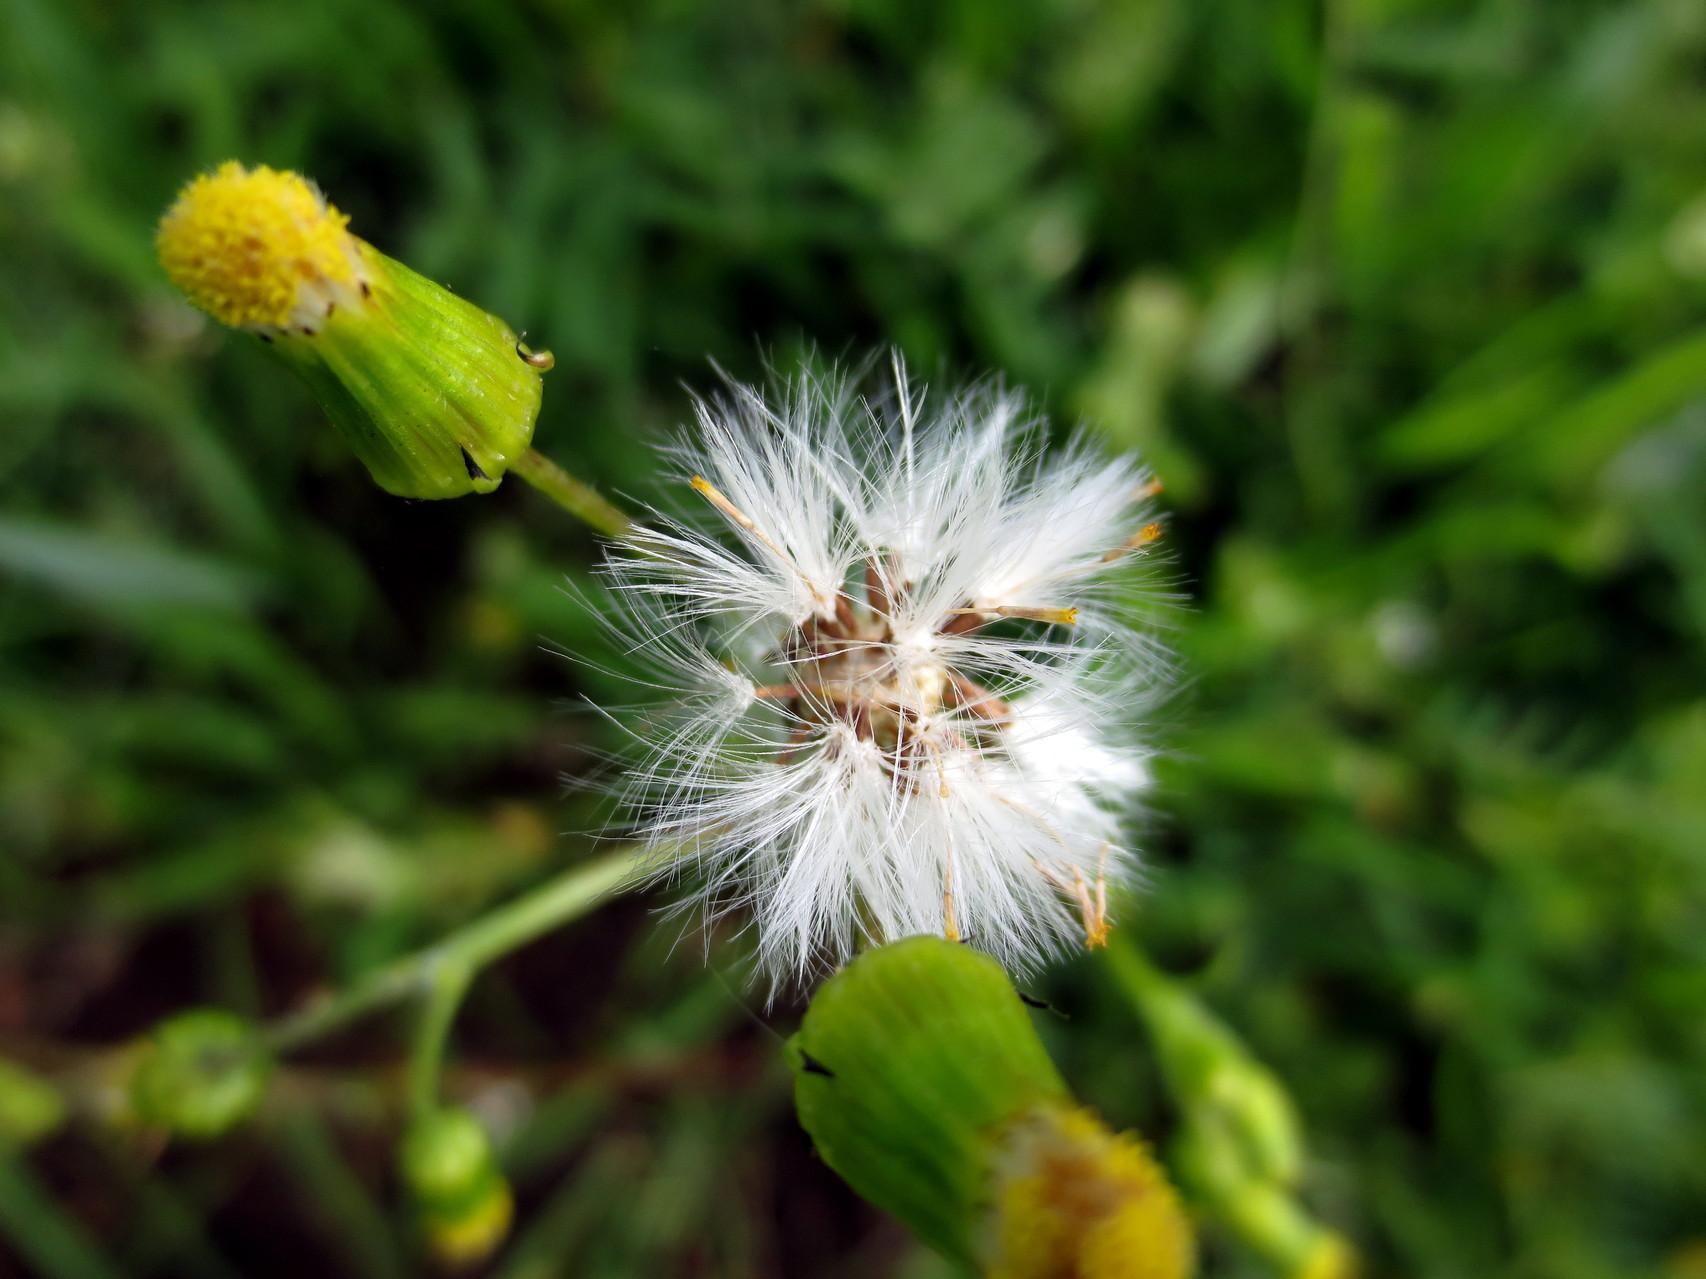 Gewöhnliches Greiskraut (Senecio vulgaris) 11. Juni 2014